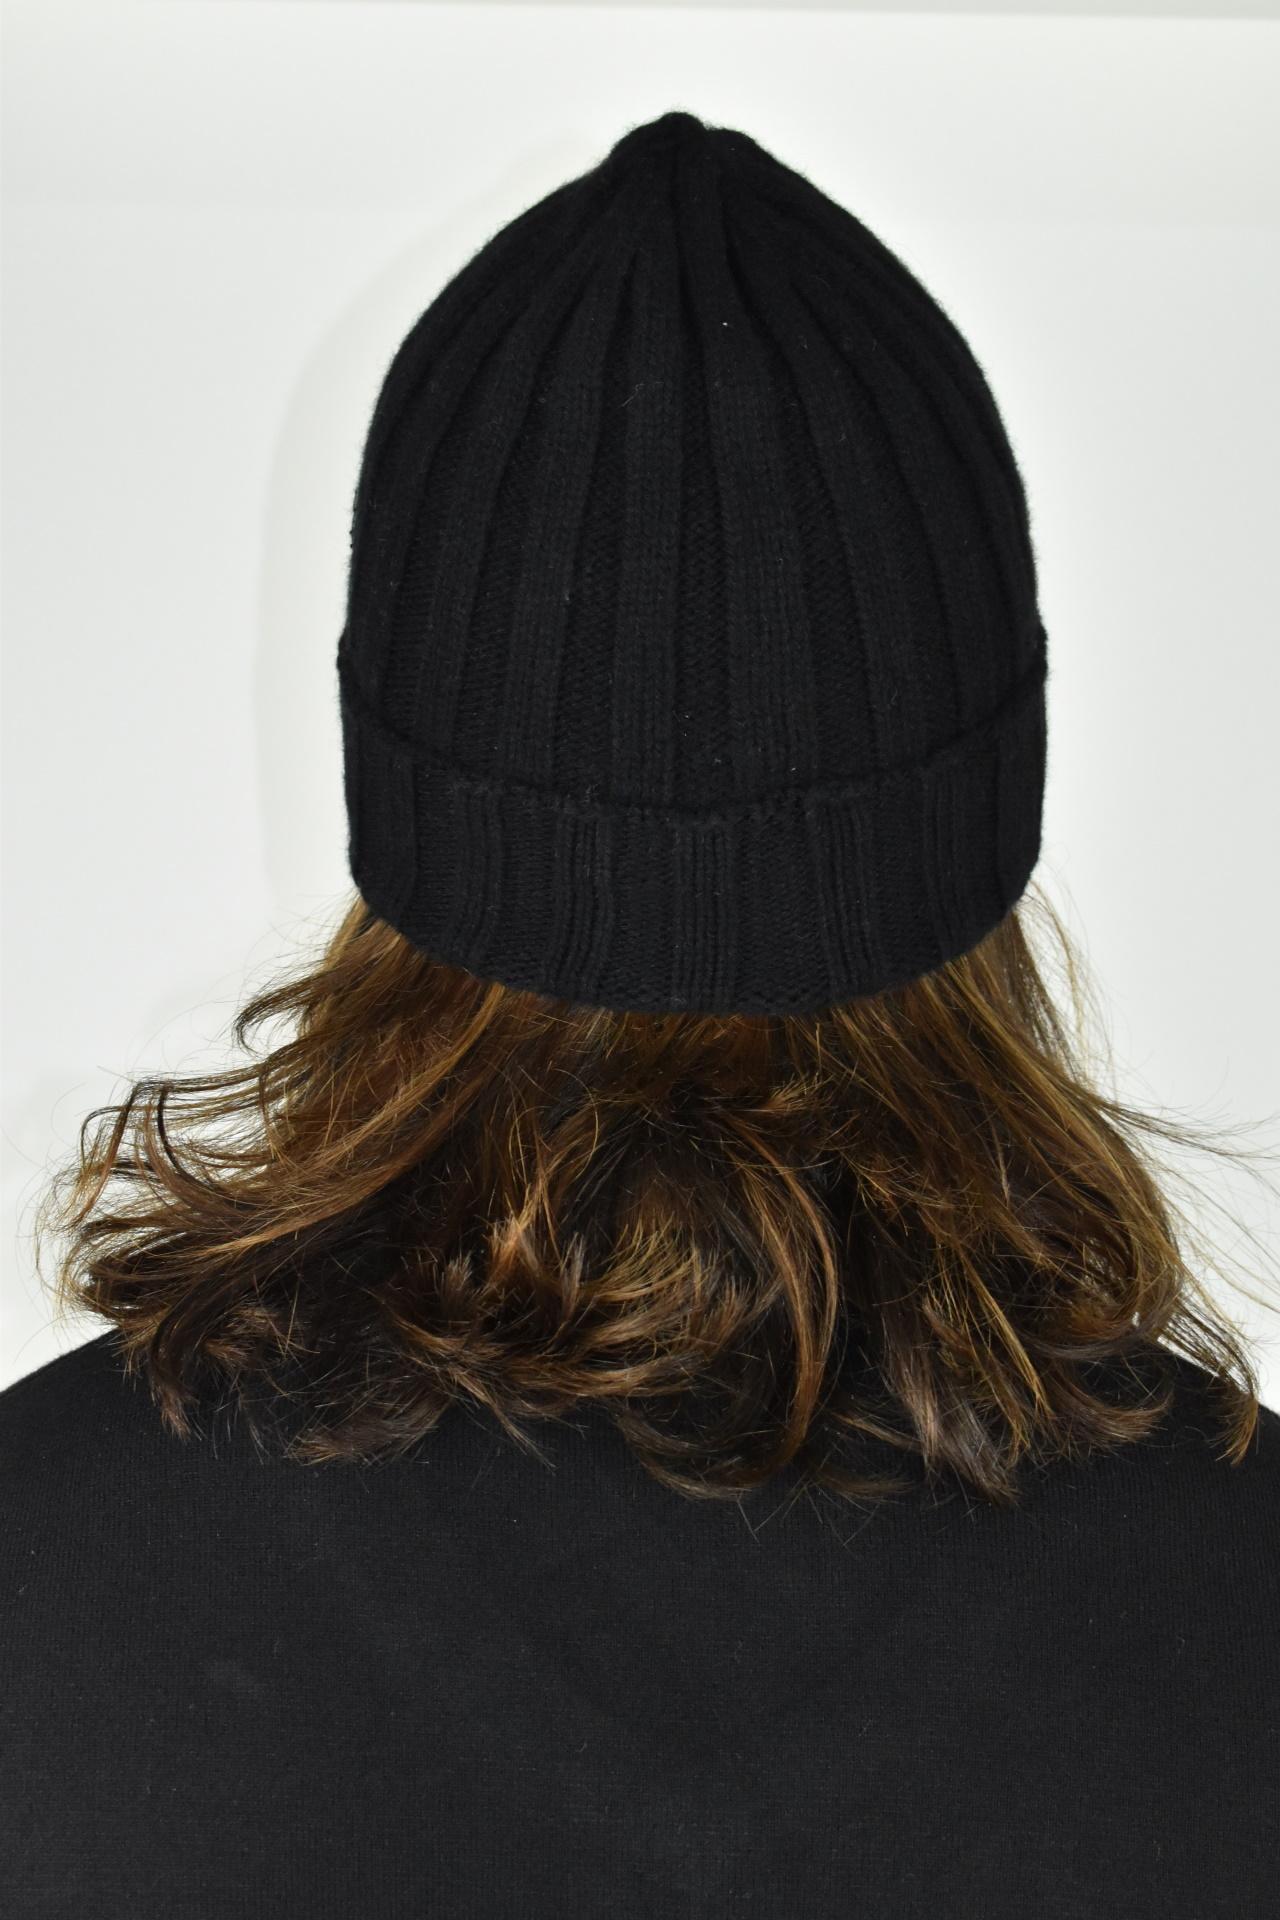 HENRYDARIO NERO CAPPELLINO UOMO 100 PURO CASHMERE 2 1stAmerican cappellino 100% puro cashmere Made in Italy da uomo - caldo berretto invernale a coste larghe